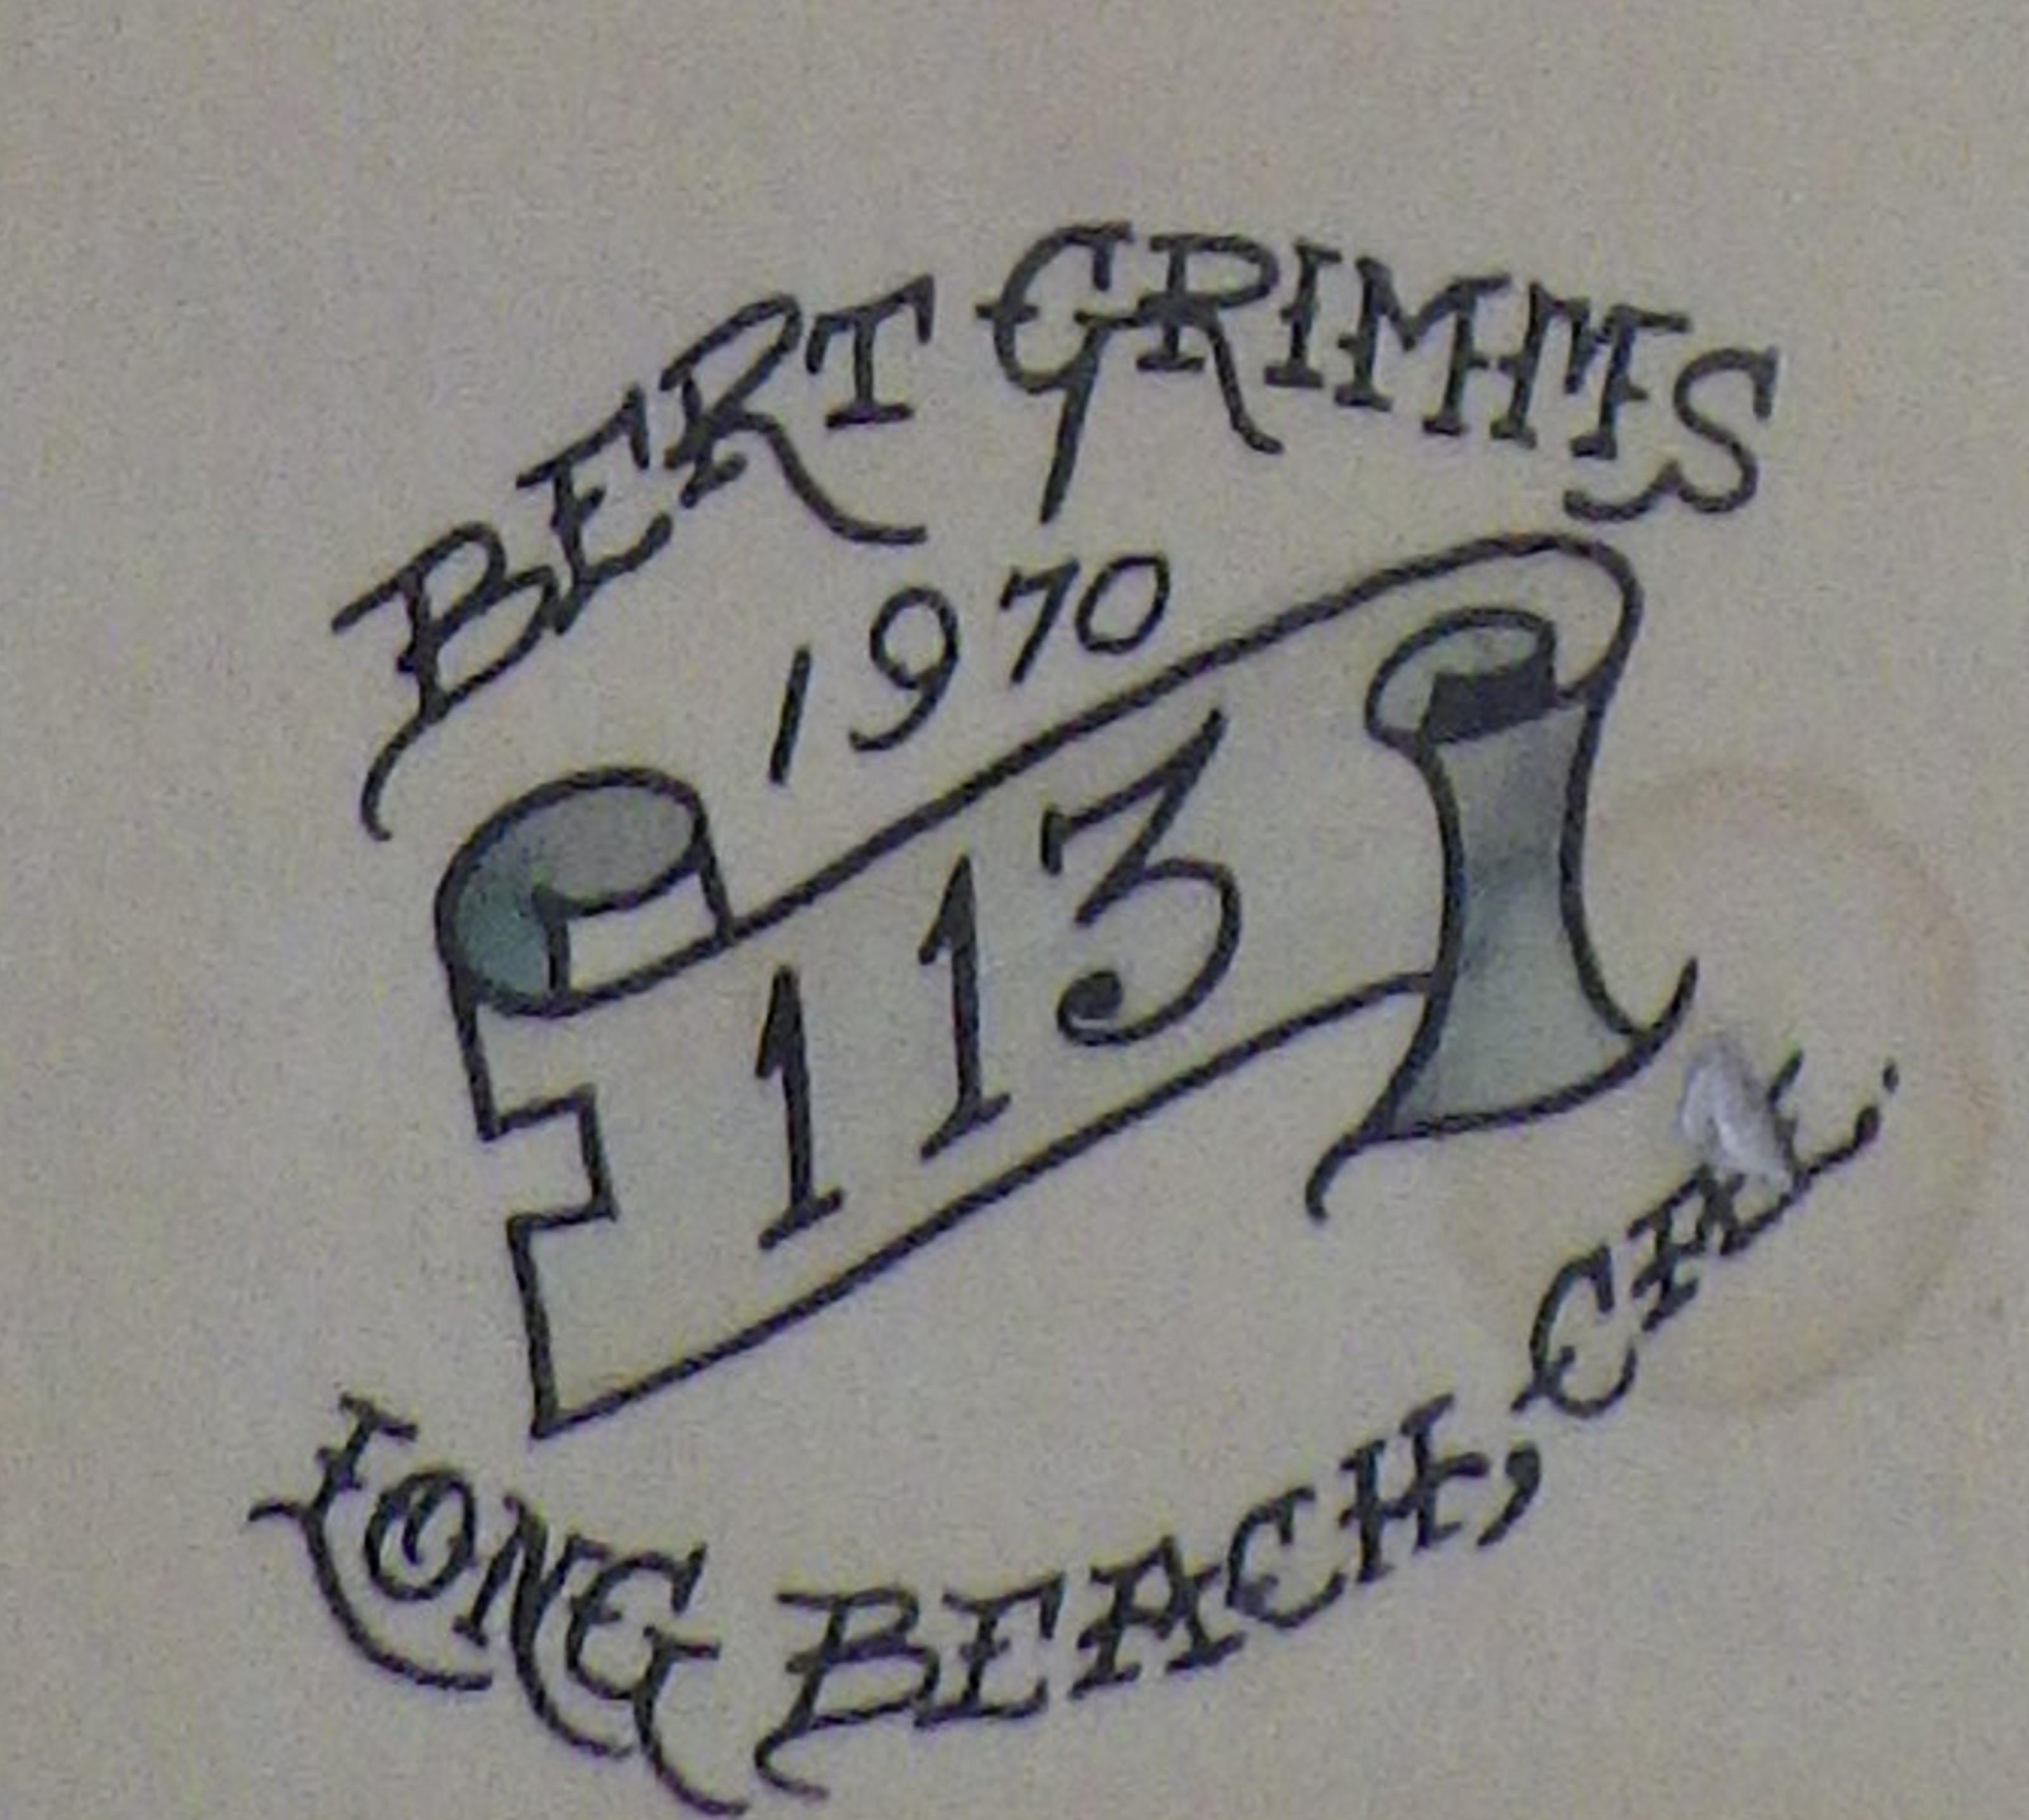 Bizzare Tattoo History Gift